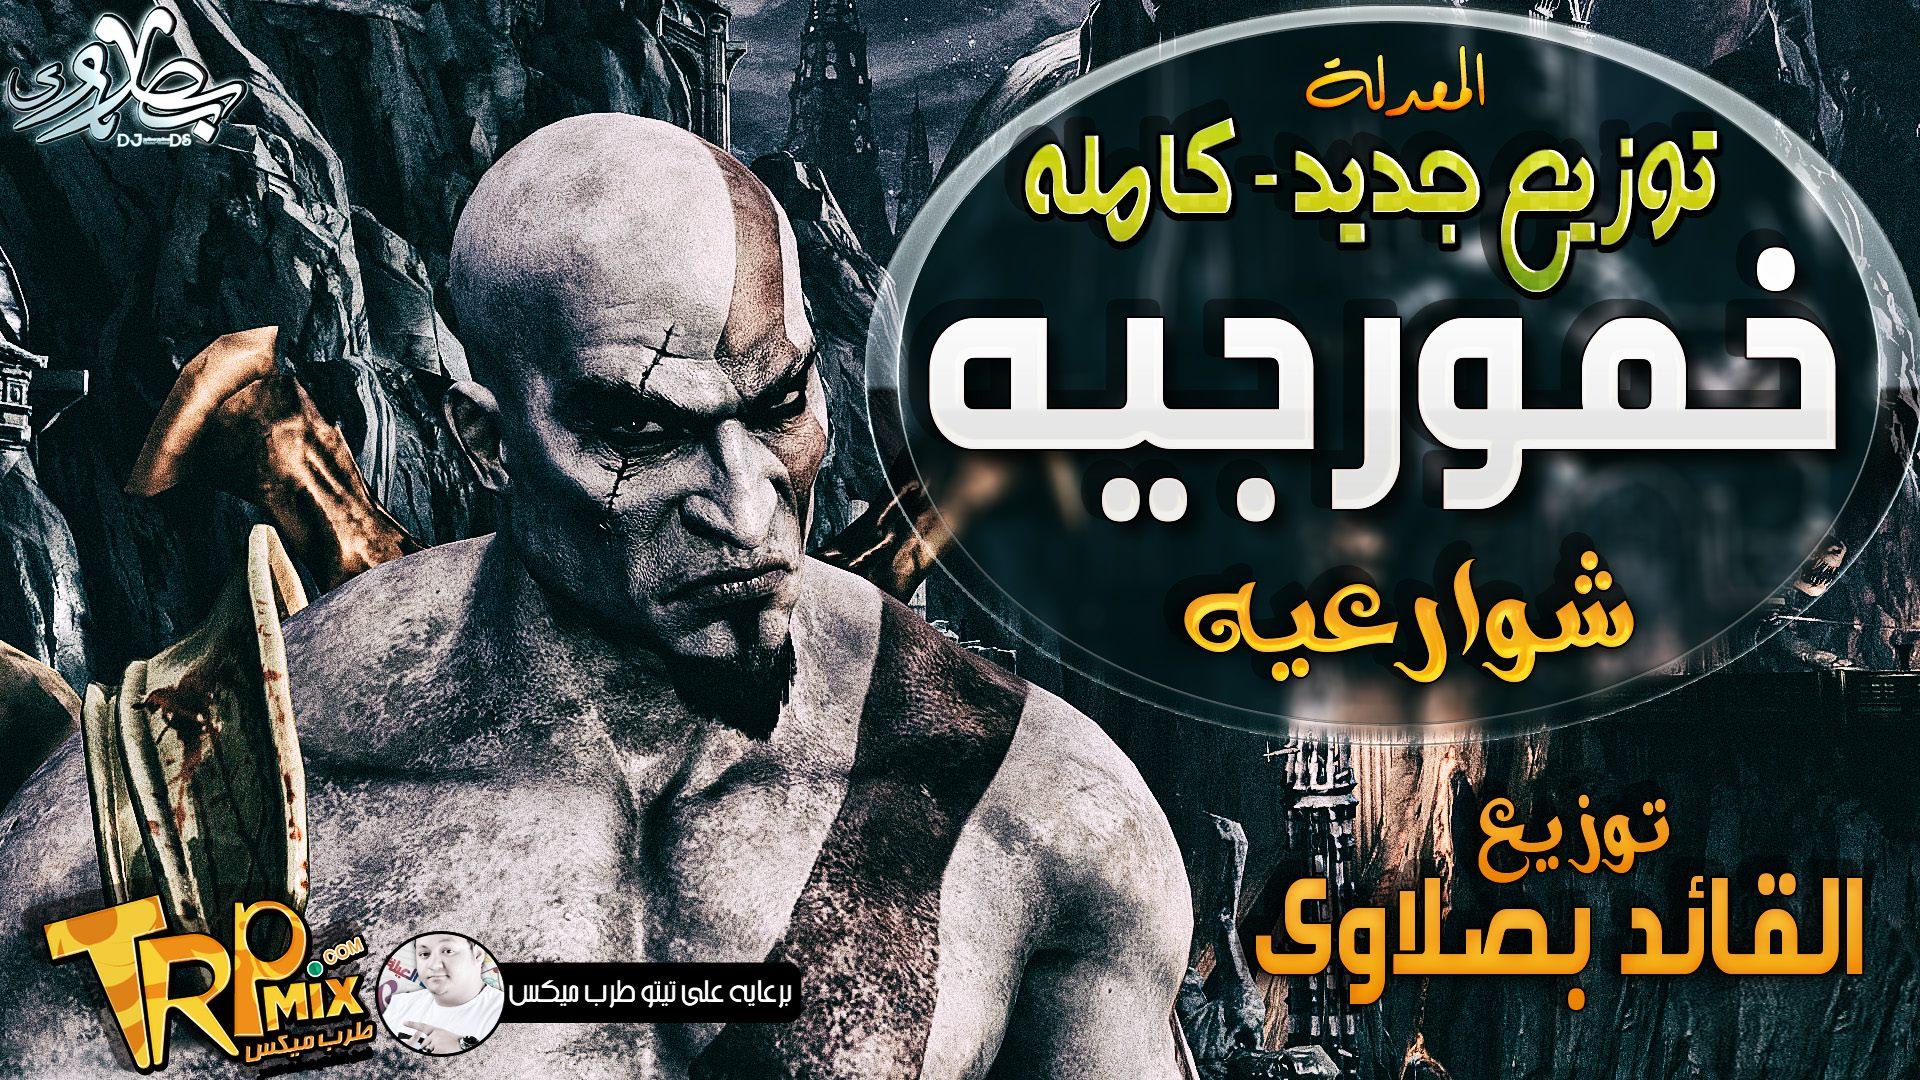 ذكر خمورجيه شوارعيه كامله - محمد سعيد - توزيع القائد بصلاوى 2018